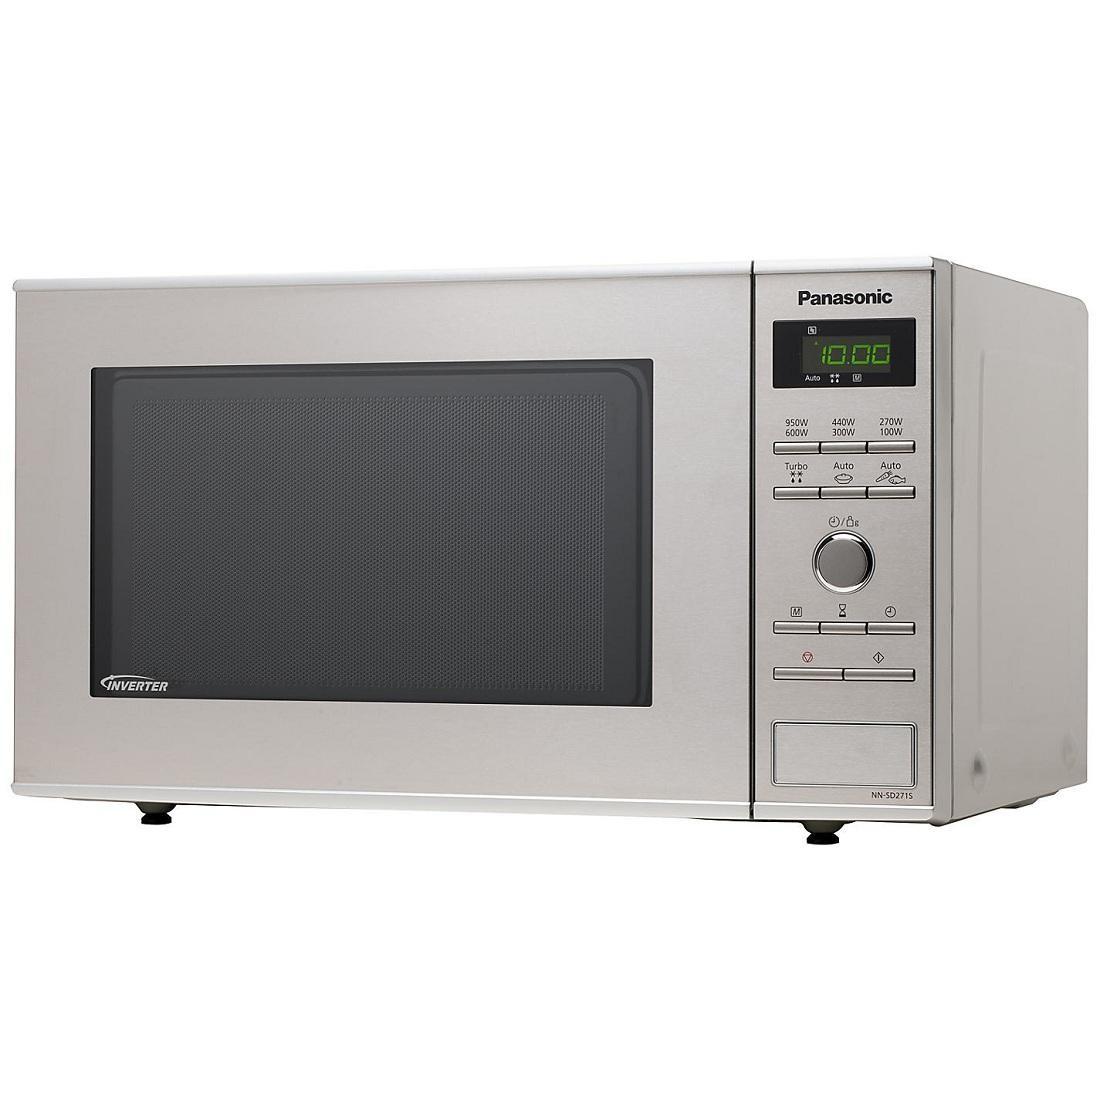 Panasonic-NN-SD271S.jpg